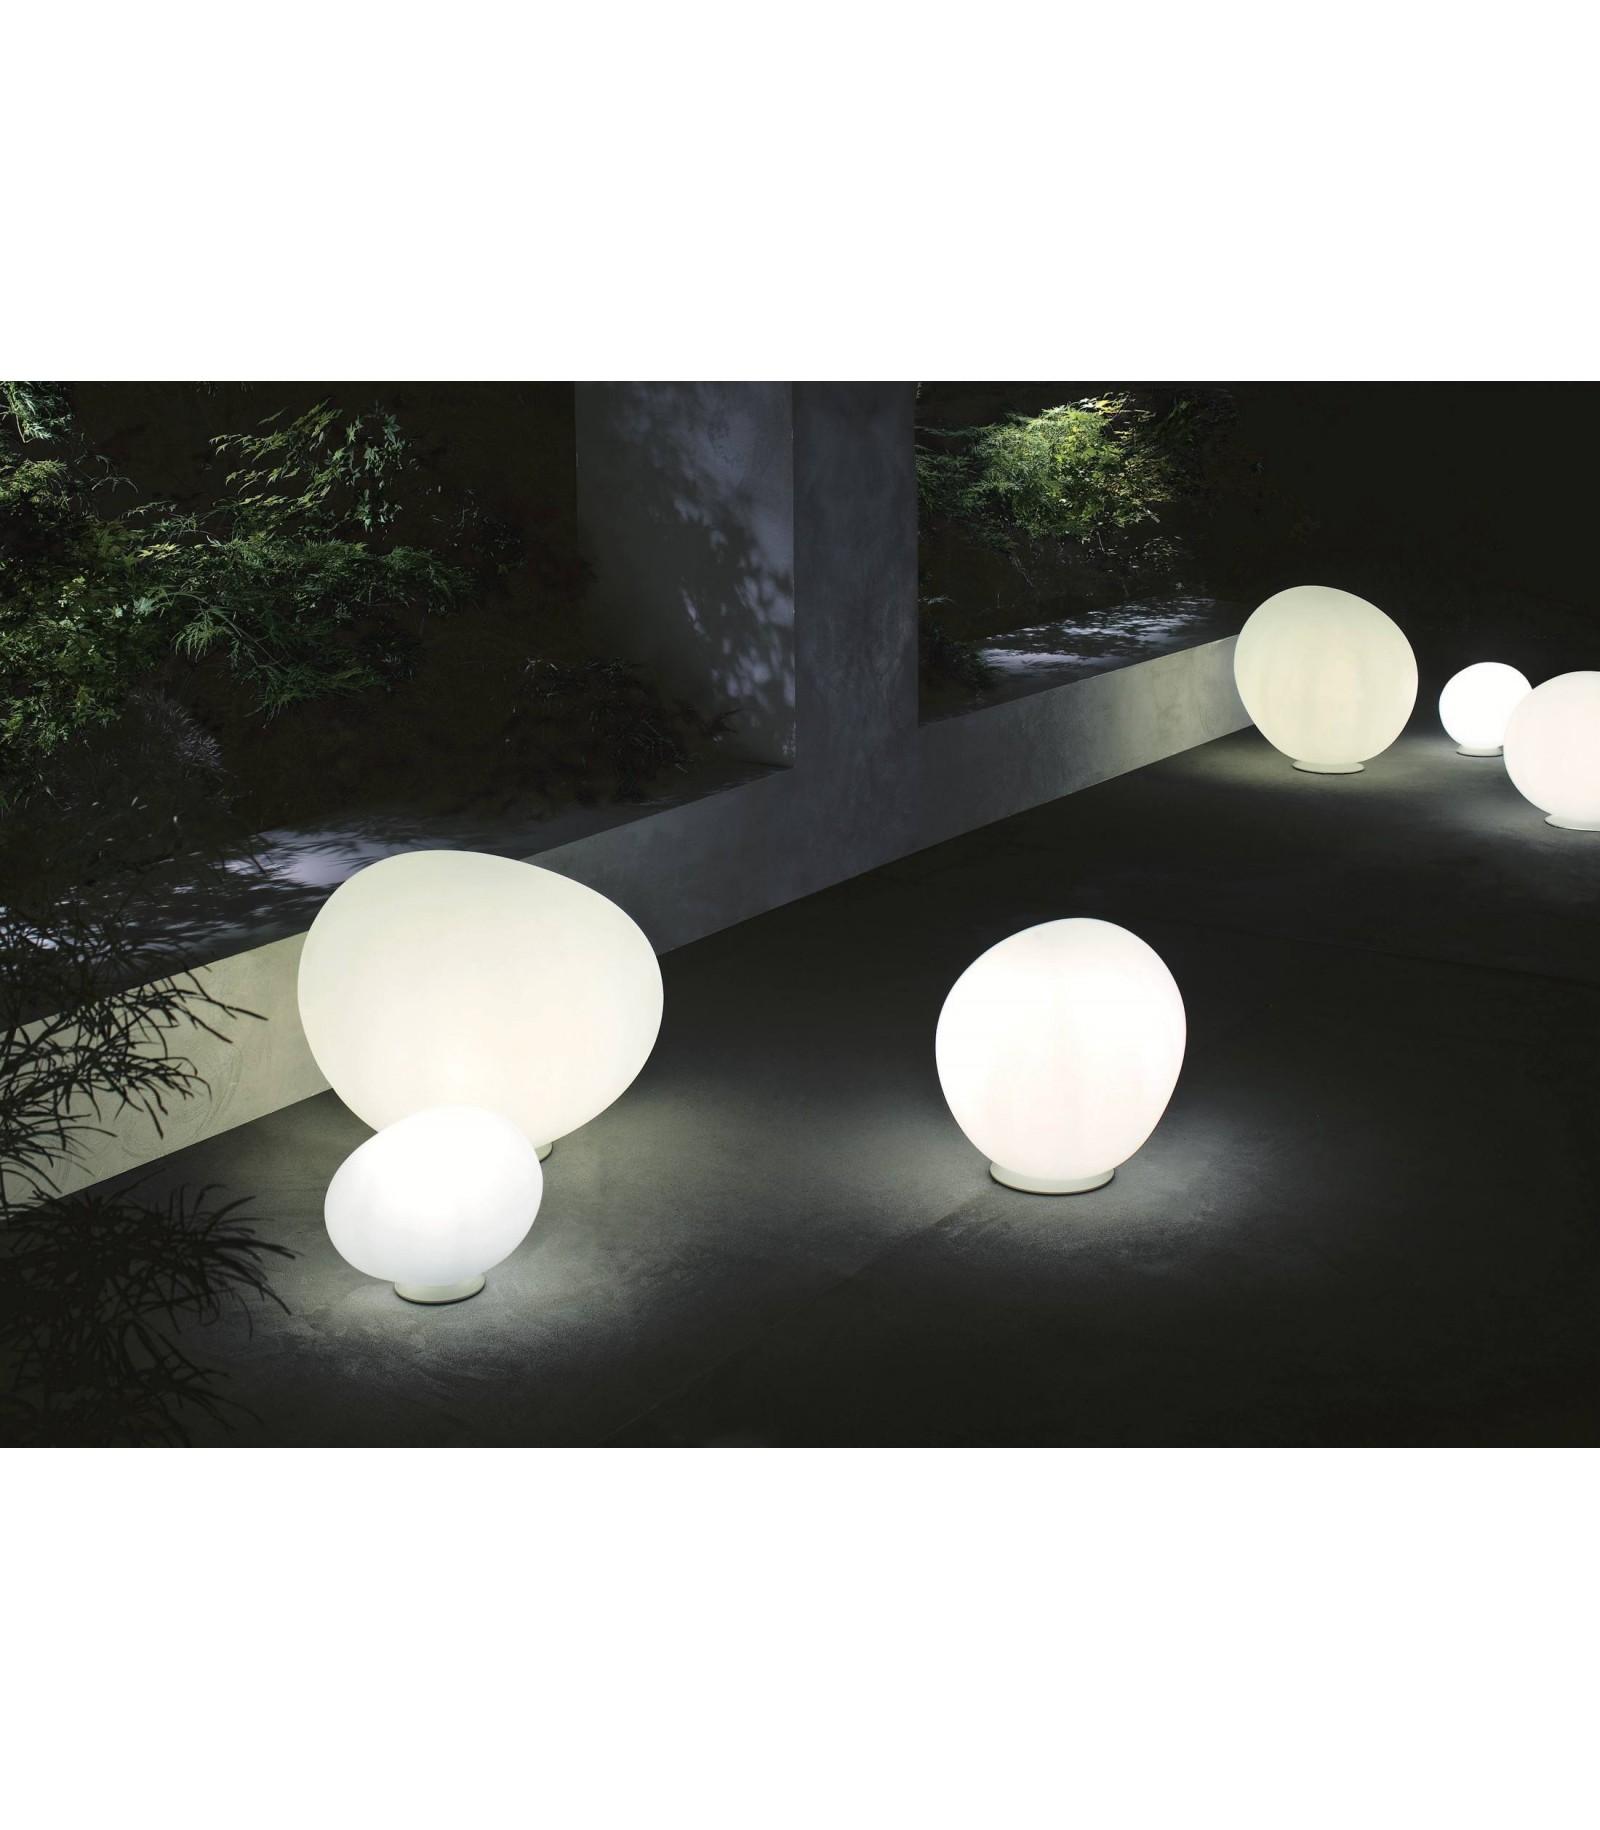 Lampada da esterno foscarini gregg outdoor for Lampade esterno leroy merlin